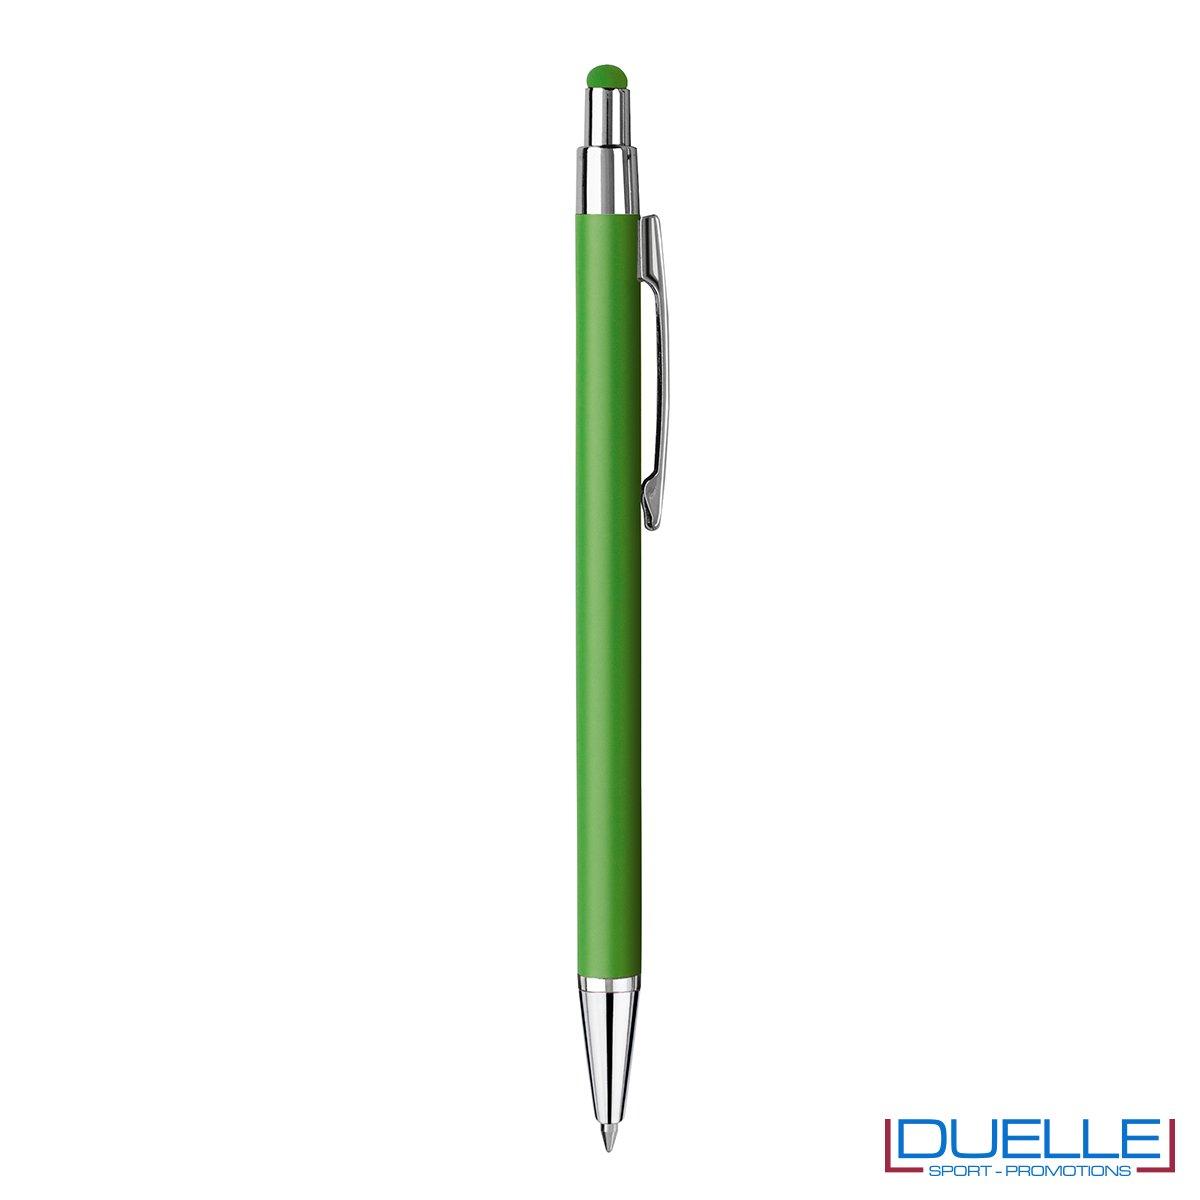 Penna personalizzata finitura soft touch colore verde